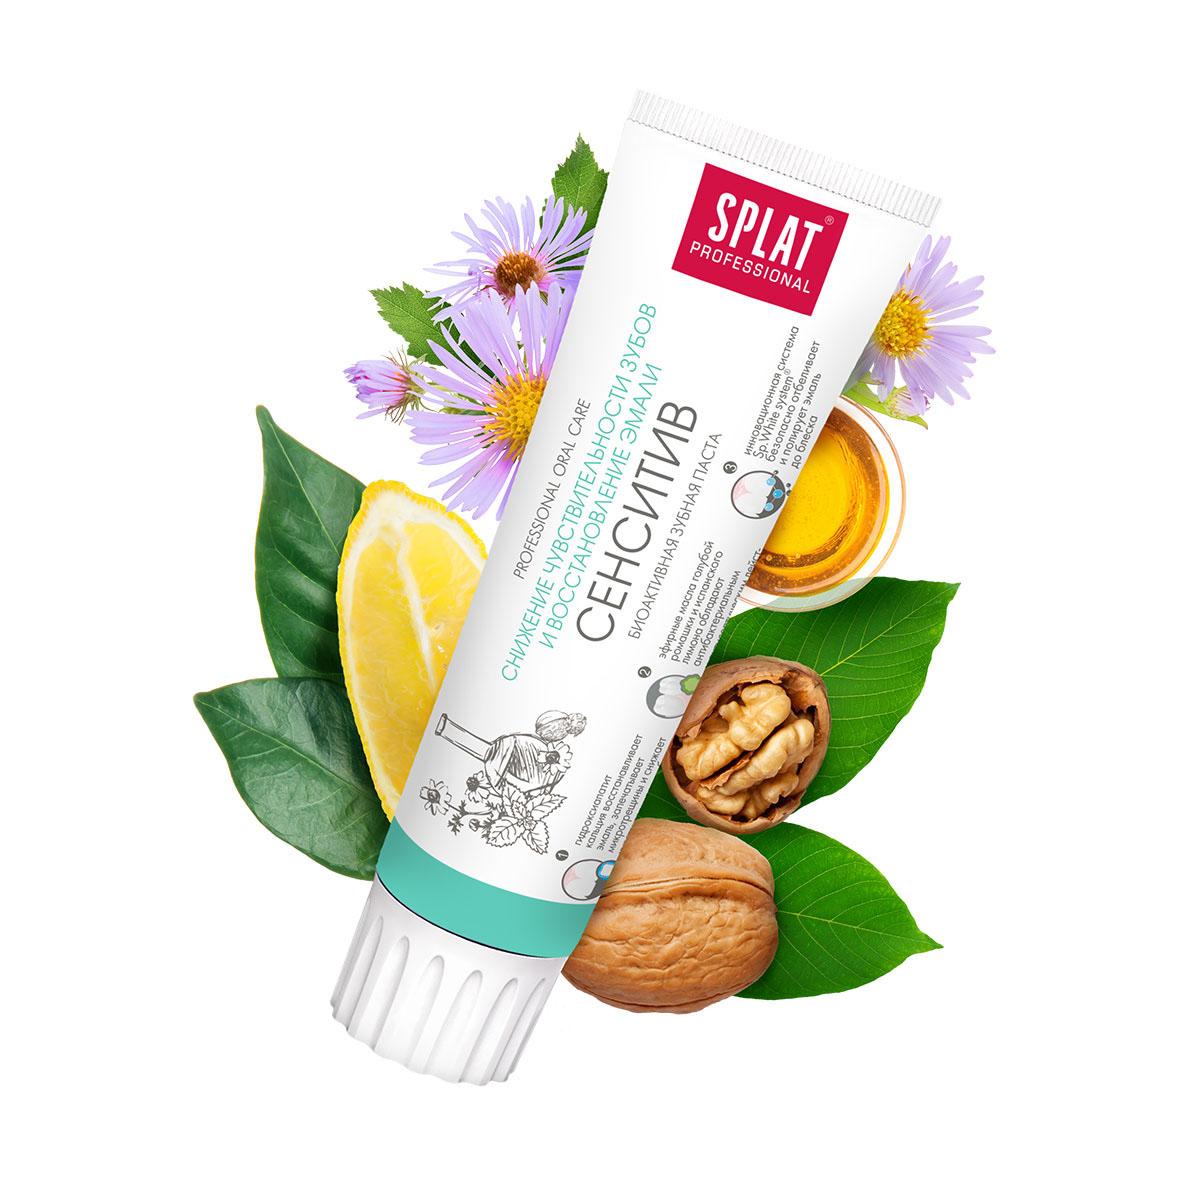 Splat Зубная паста Professional Sensitive / Сенситив, для чувствительных зубов, 100 мл